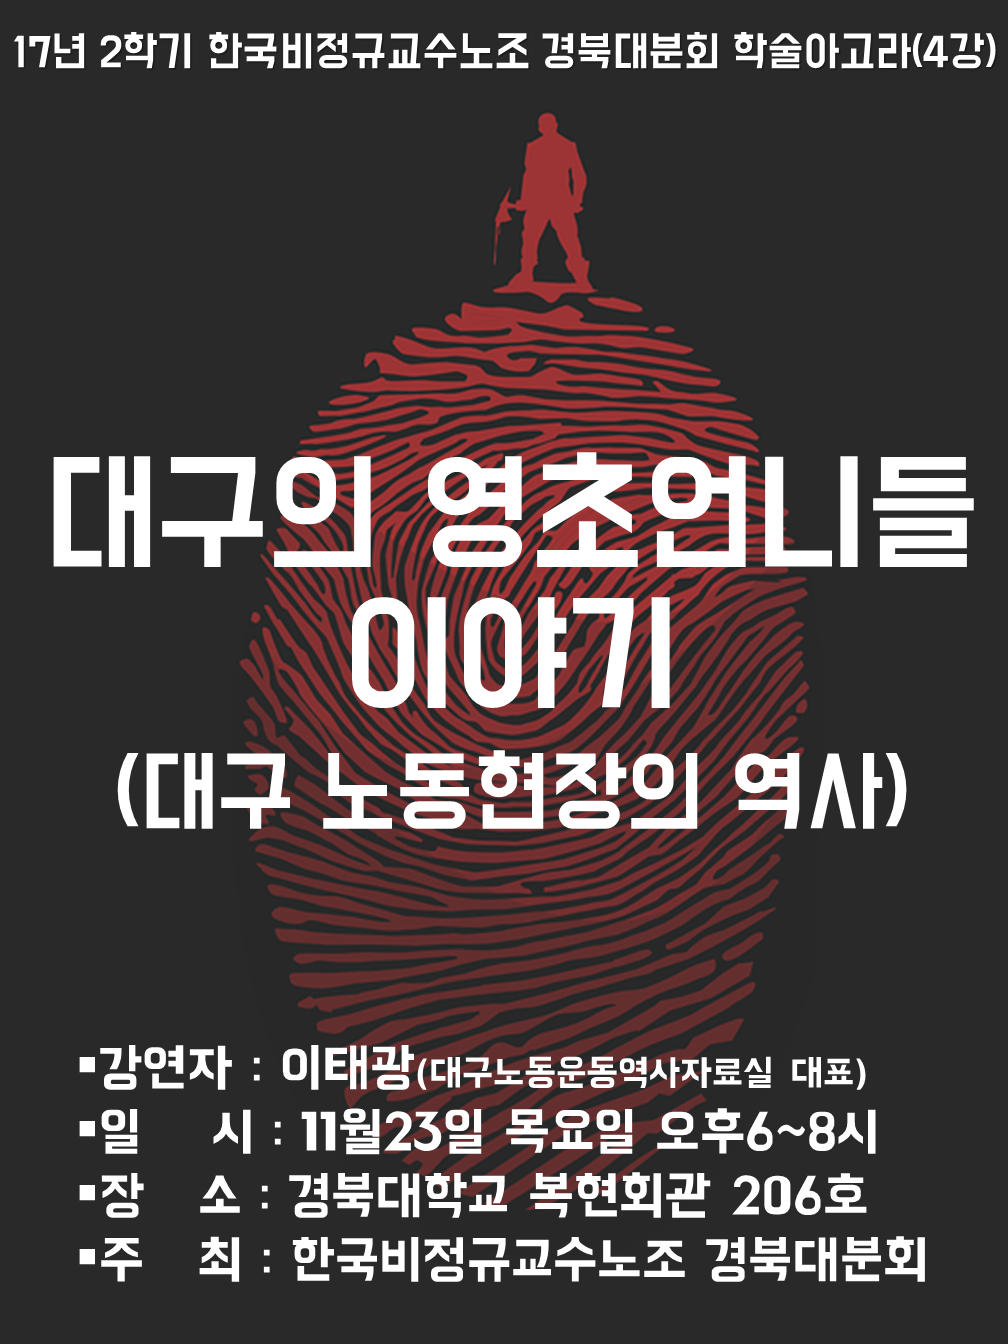 2학기 학술아고라 웹 포스터_4강.PNG